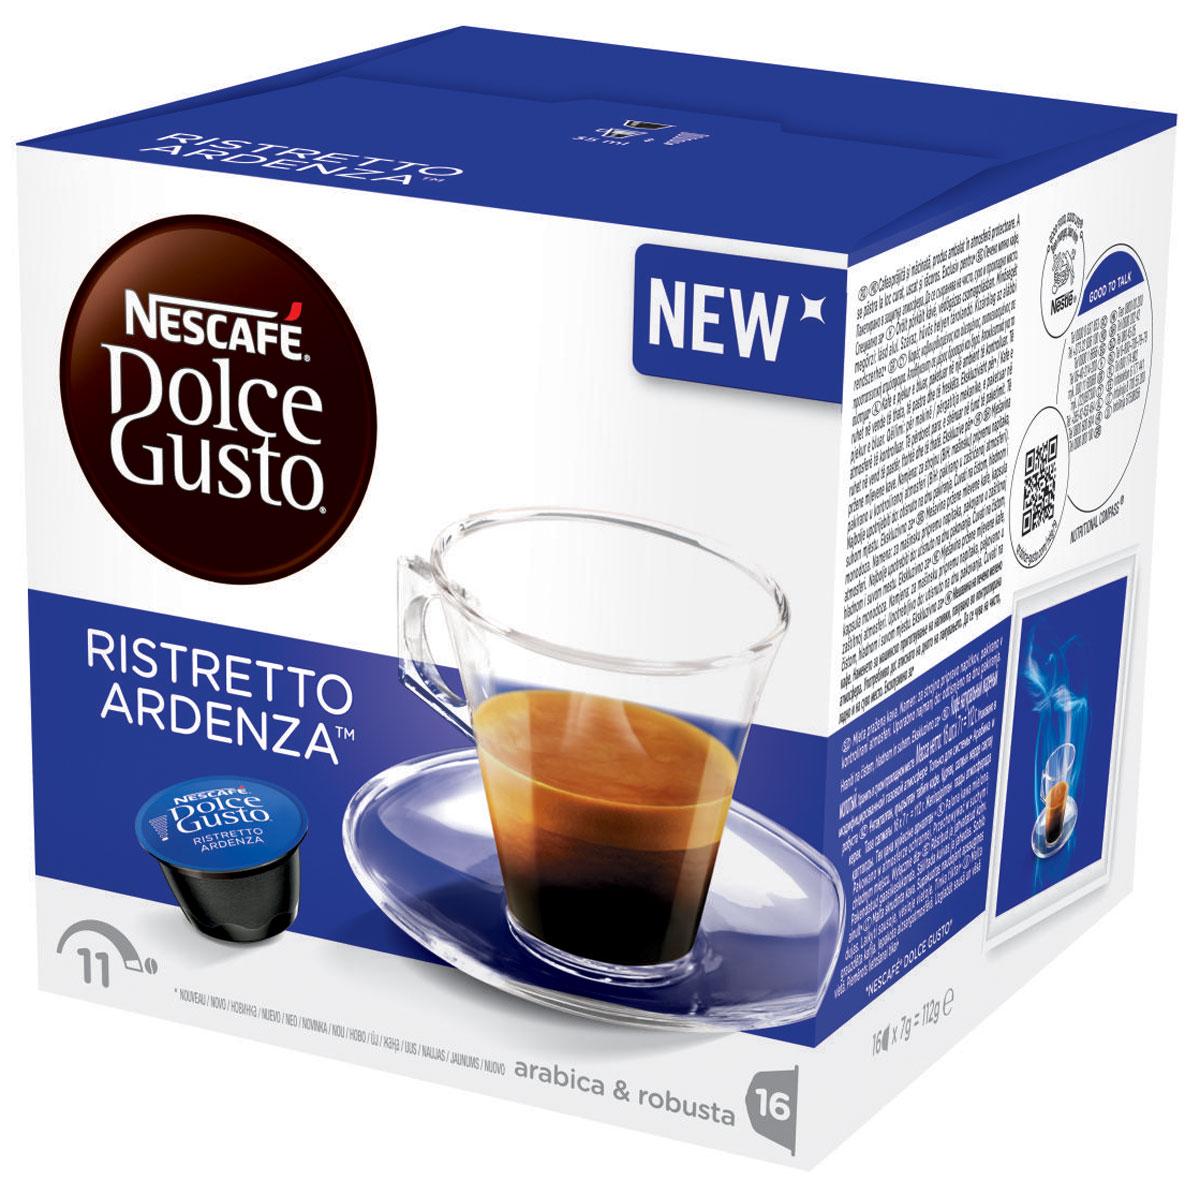 Nescafe Dolce Gusto Ristretto Ardenza кофе в капсулах, 16 шт12245547Темный, насыщенный, с великолепными ароматами лесного ореха и лакрицы, Ristretto Ardenza переводит классический напиток эспрессо на новый уровень. Немного больше Ristretto заваривается с меньшим количеством воды. А это значит, что вы получаете короткий, крепкий эспрессо, обладающий дымчатым ароматом с изысканным перечным послевкусием. Ristretto Ardenza – самый насыщенный капсульный кофе, так что если вам нравится полноценный вкус контрастного эспрессо, это именно то, что вам нужно. Также известный как corto, что на итальянском означает короткий, Ristretto Ardenza определенно доказывает, что хорошего всегда должно быть понемногу. Этот эффектный эспрессо с великолепными древесными нотками и отчетливым вкусом лесного ореха обязательно украшается слоем шелковой пенки. Легкая изысканная пенка карамельного оттенка имеет богатый вкус и доводит качество вашего капсульного кофе до самого высокого уровня, который вы ожидаете от напитка в настоящей кофейне.